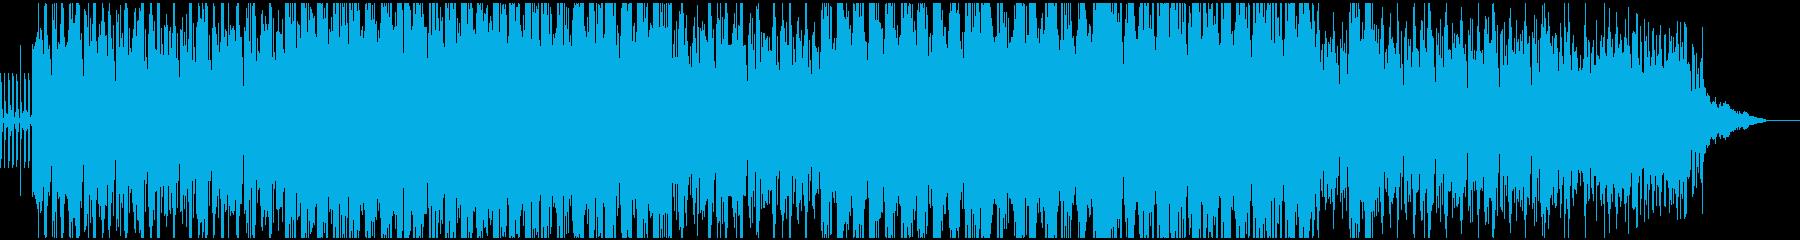 重厚、濃厚なアンビエントテクノEDMの再生済みの波形